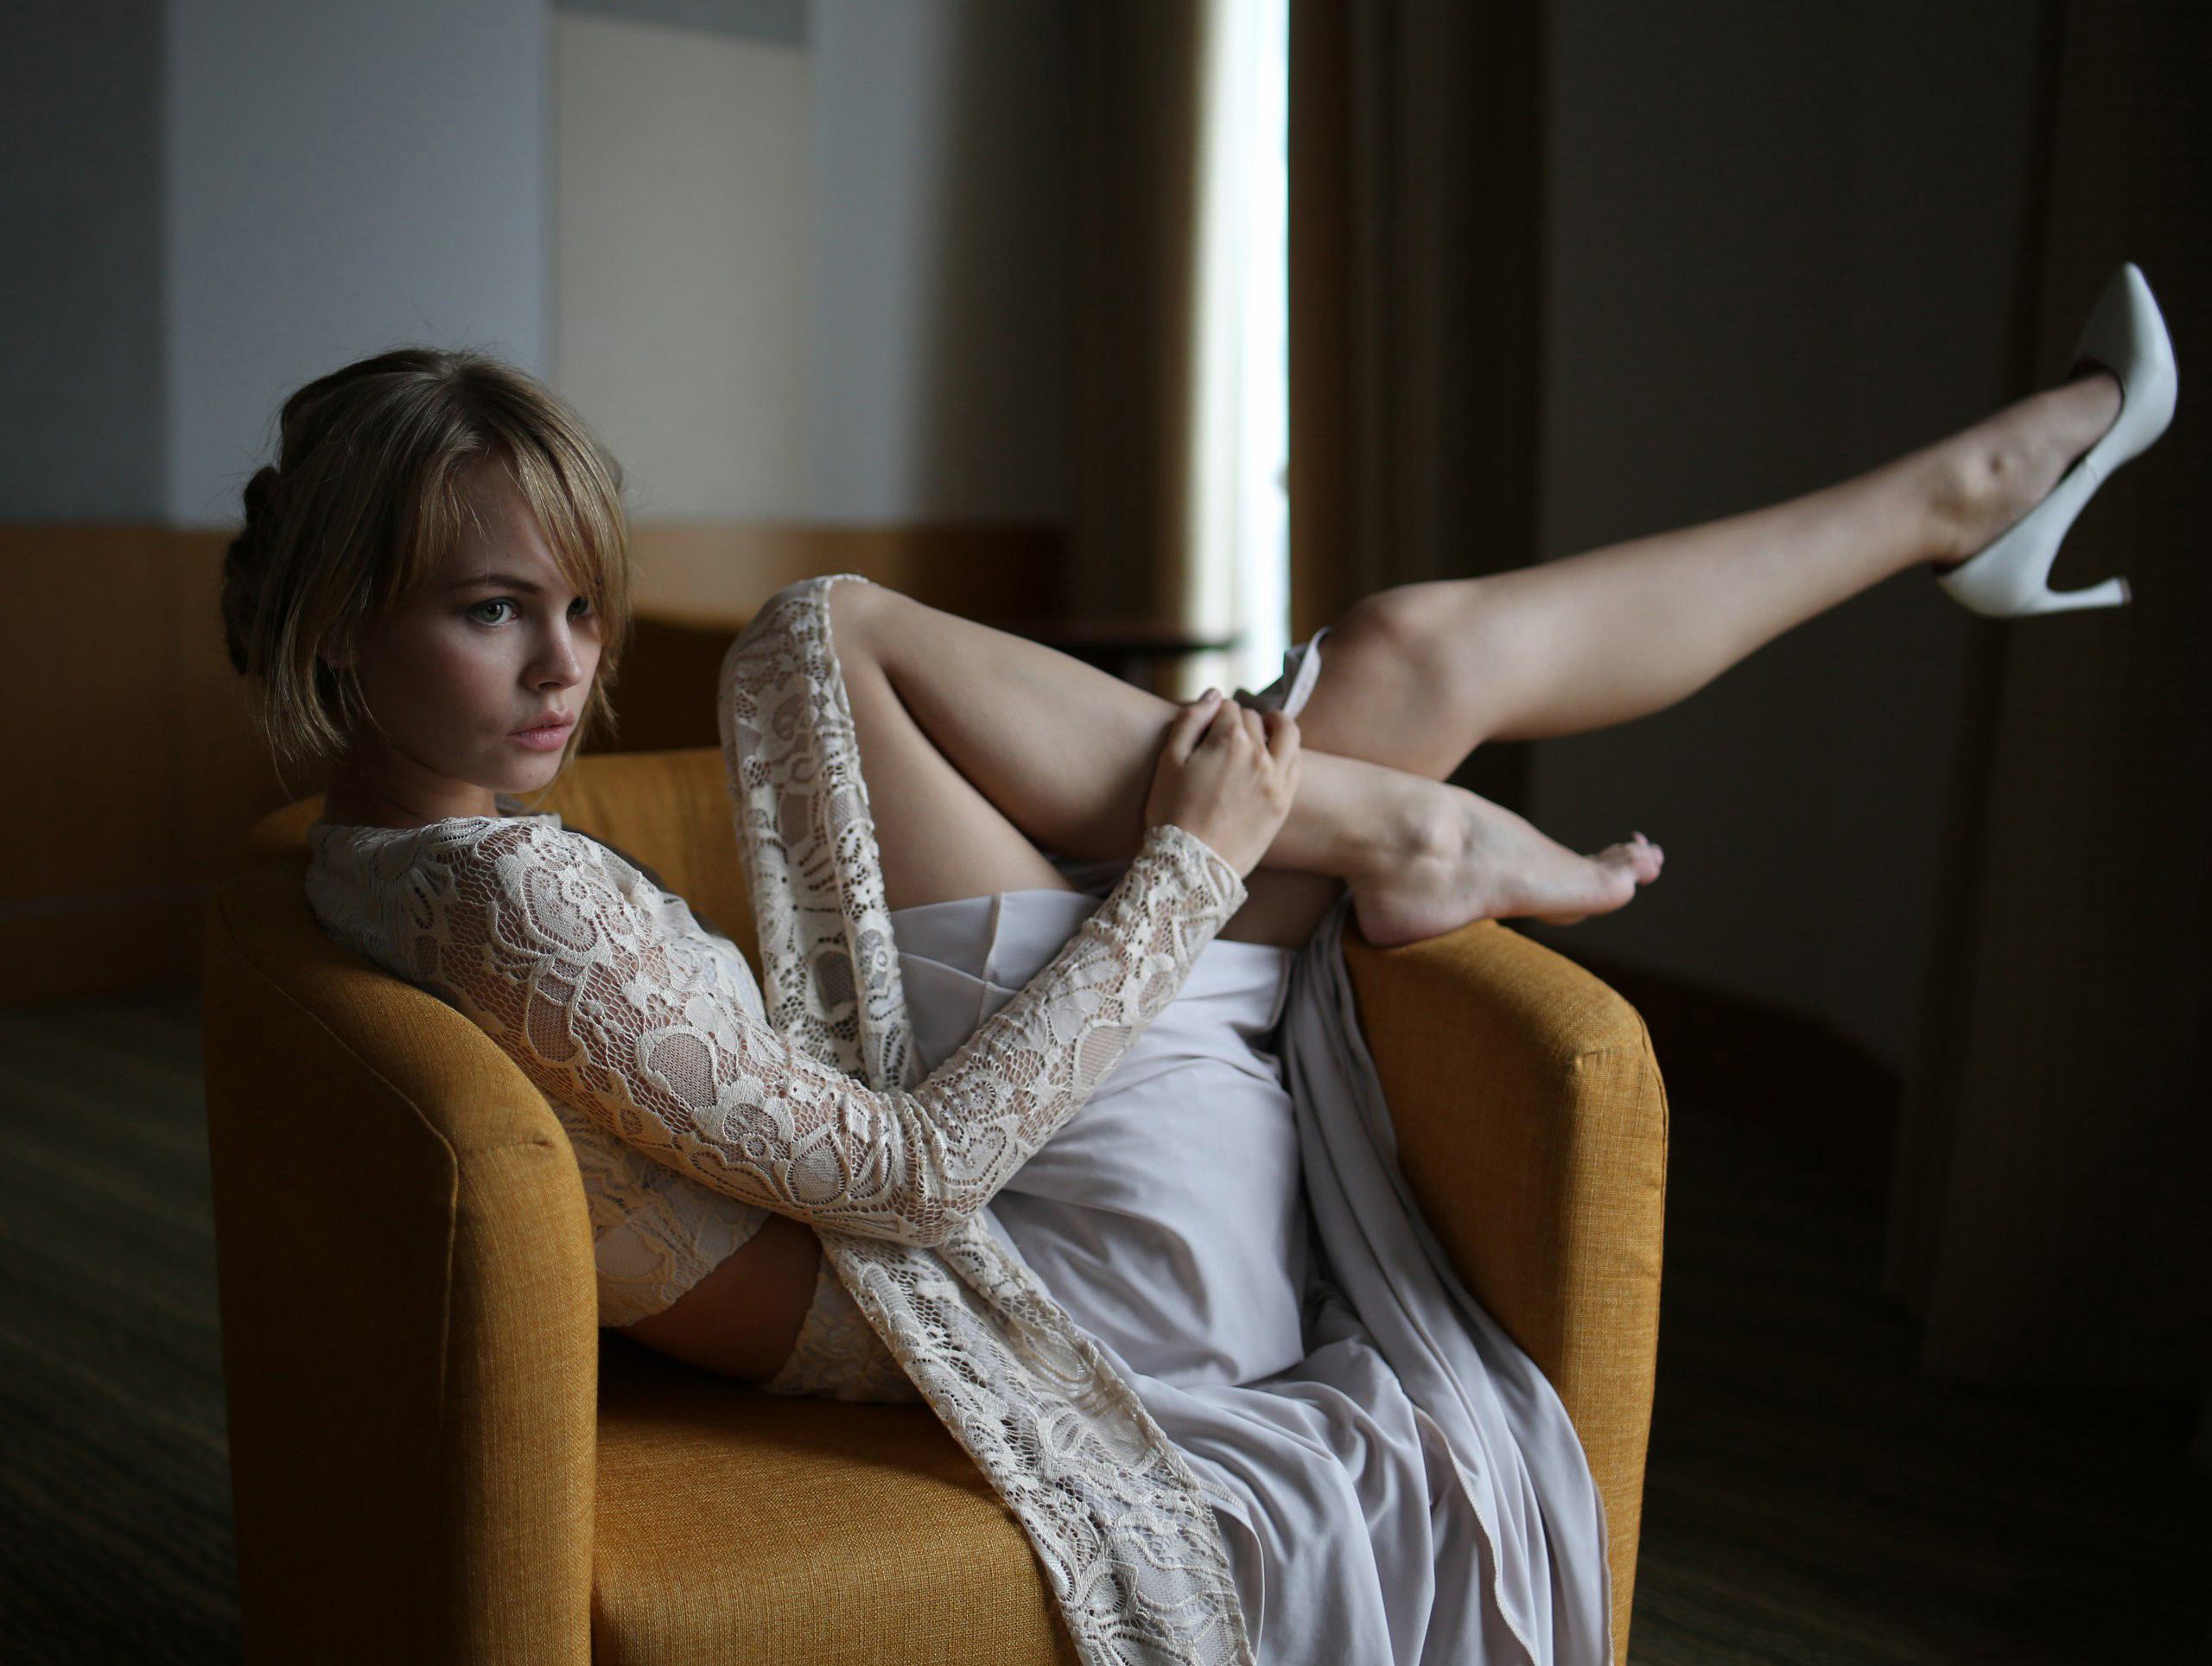 Юная Блондинка - смотреть порно онлайн